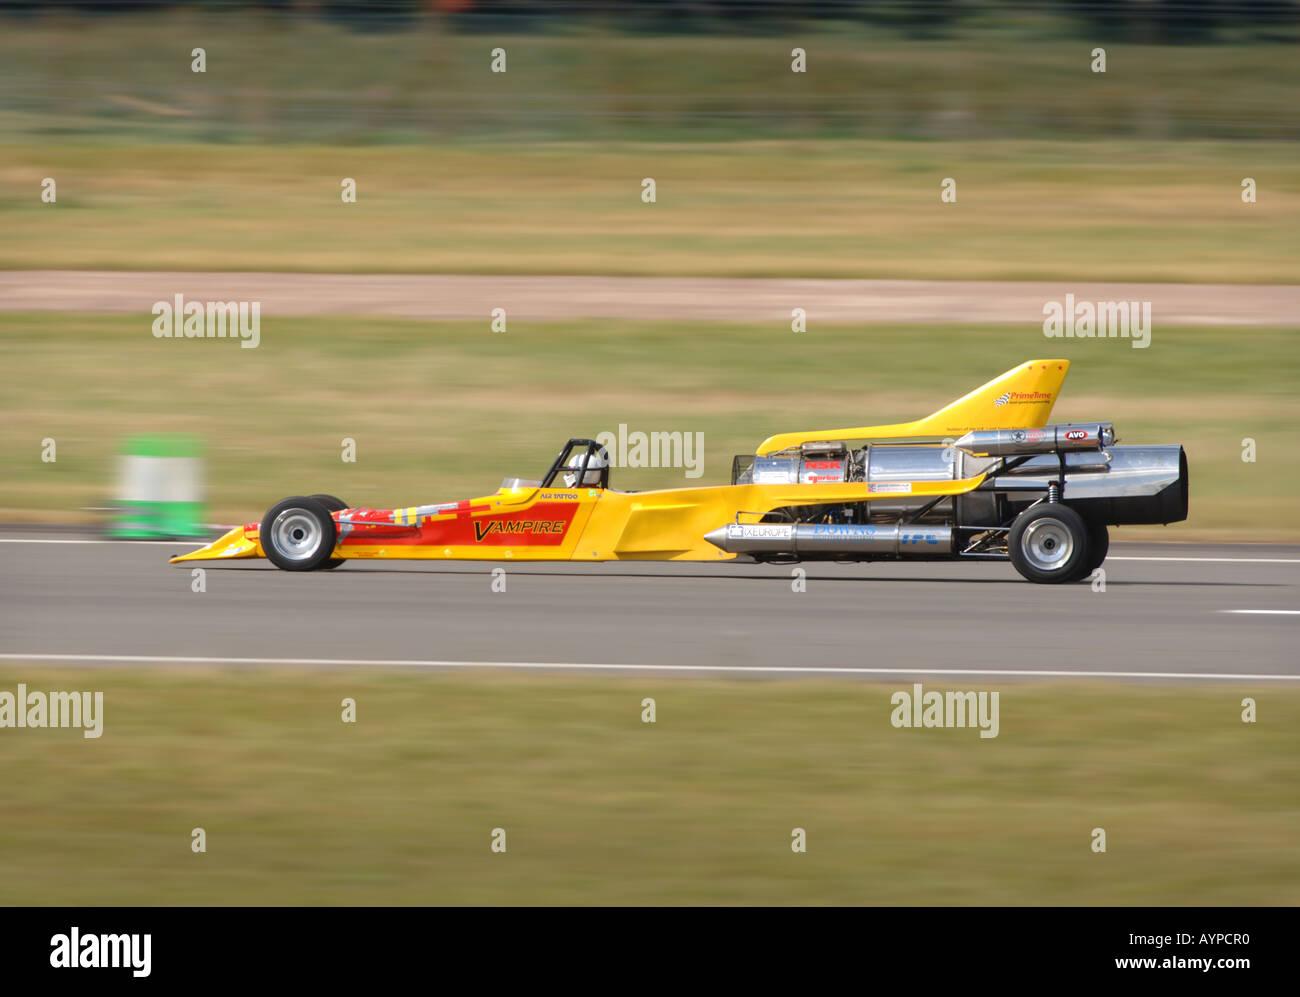 La British Land Speed Record tentativo CONDUCENTE COLIN FALLOWS il pilotaggio della postcombustione JET vampiro auto a RAF FAIRFORD Immagini Stock